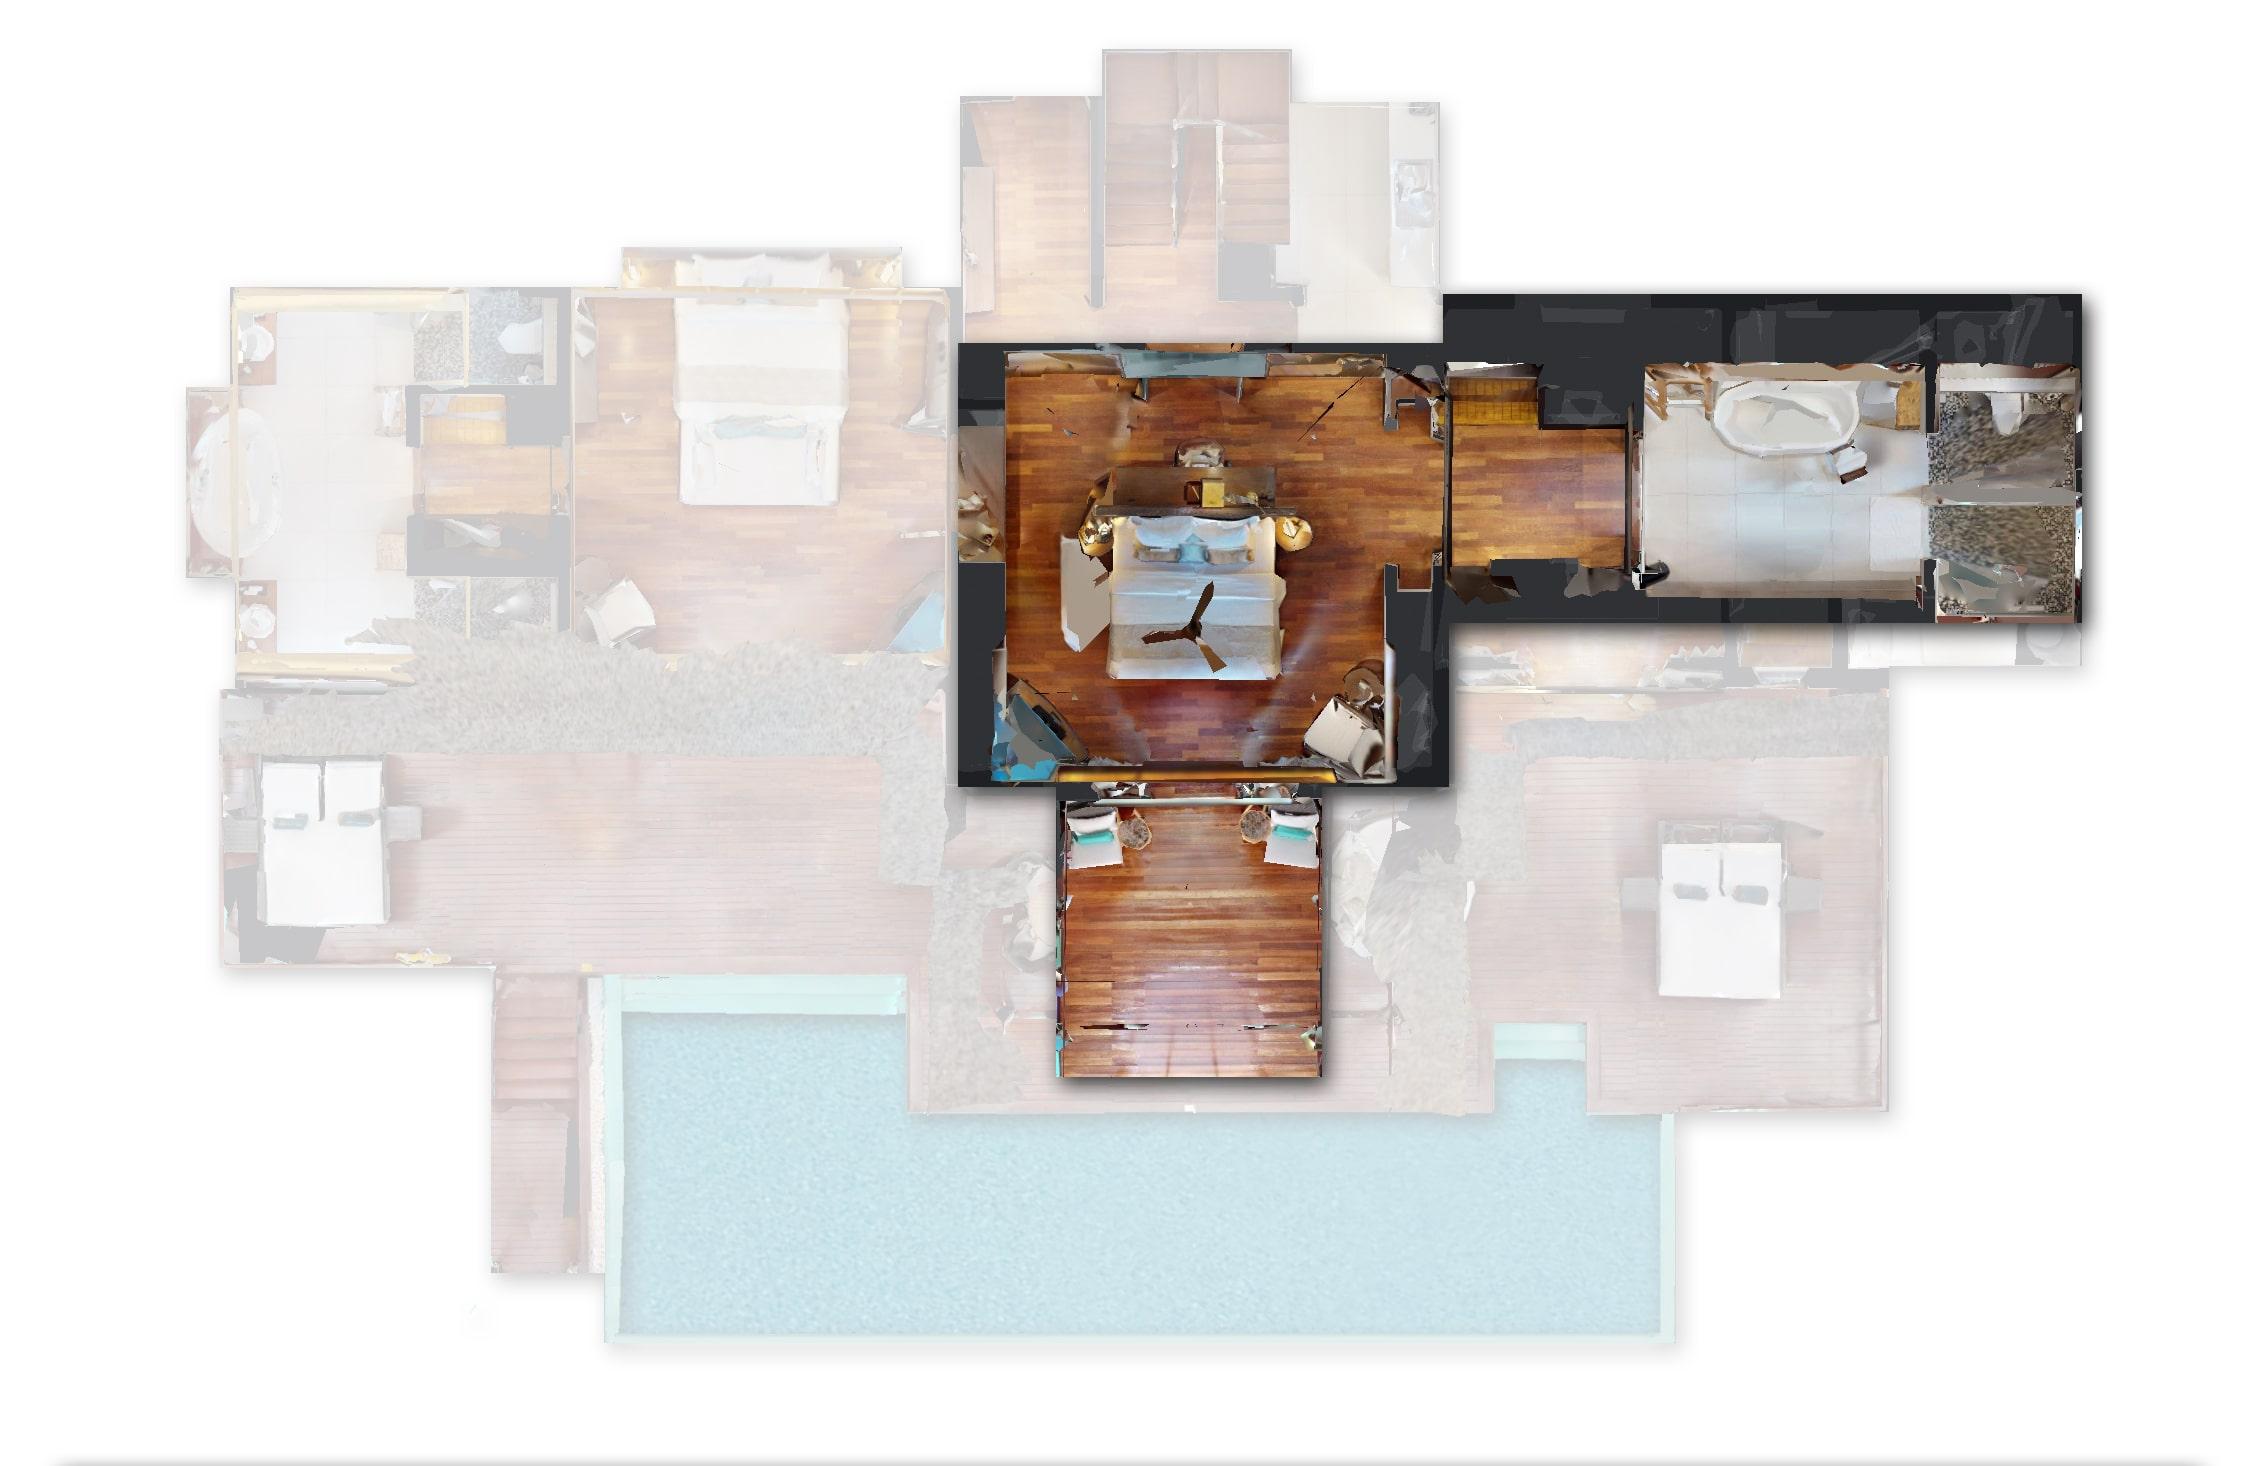 Мальдивы, отель Heritance Aarah, план-схема номера Ocean Residence